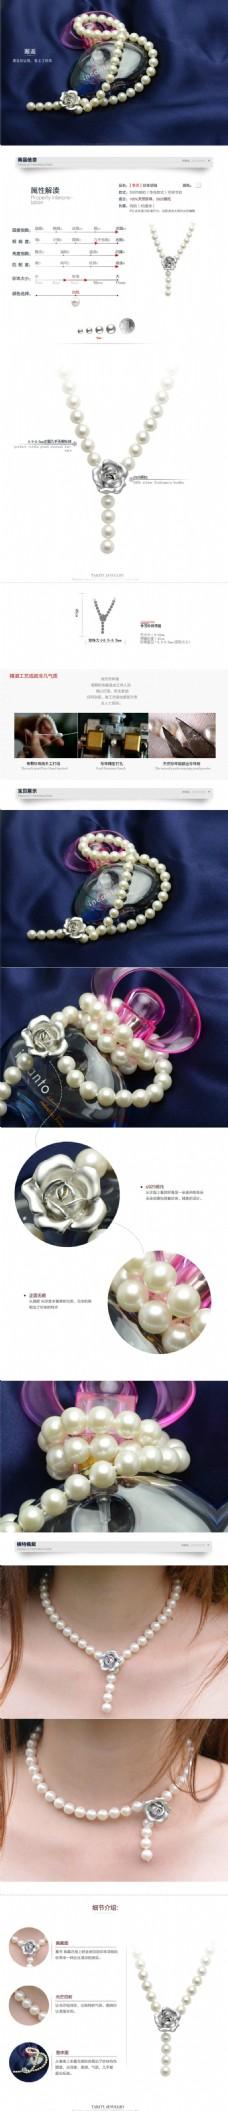 饰品项链淘宝电商珠宝首饰详情页细节图